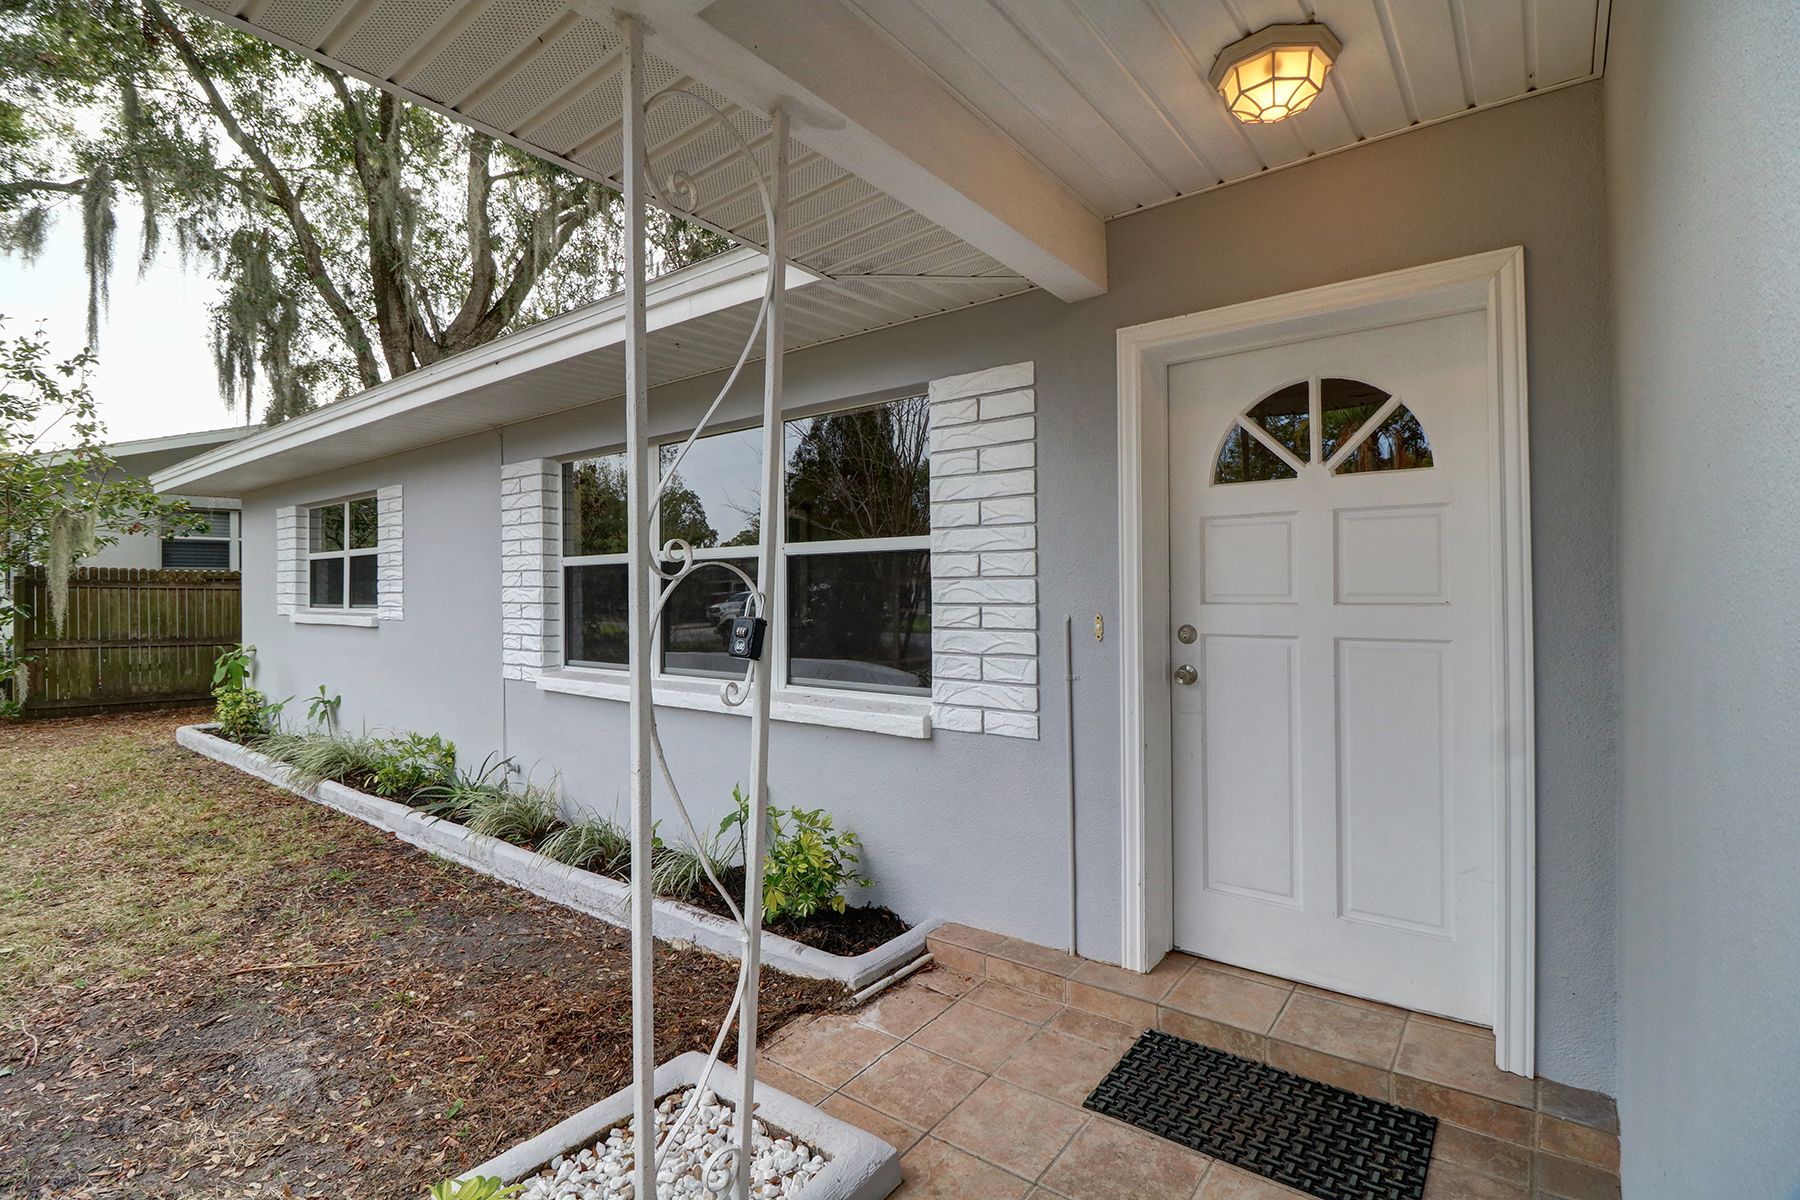 一戸建て のために 売買 アット ST PETERSBURG 1601 Gentry St Clearwater, フロリダ, 33755 アメリカ合衆国